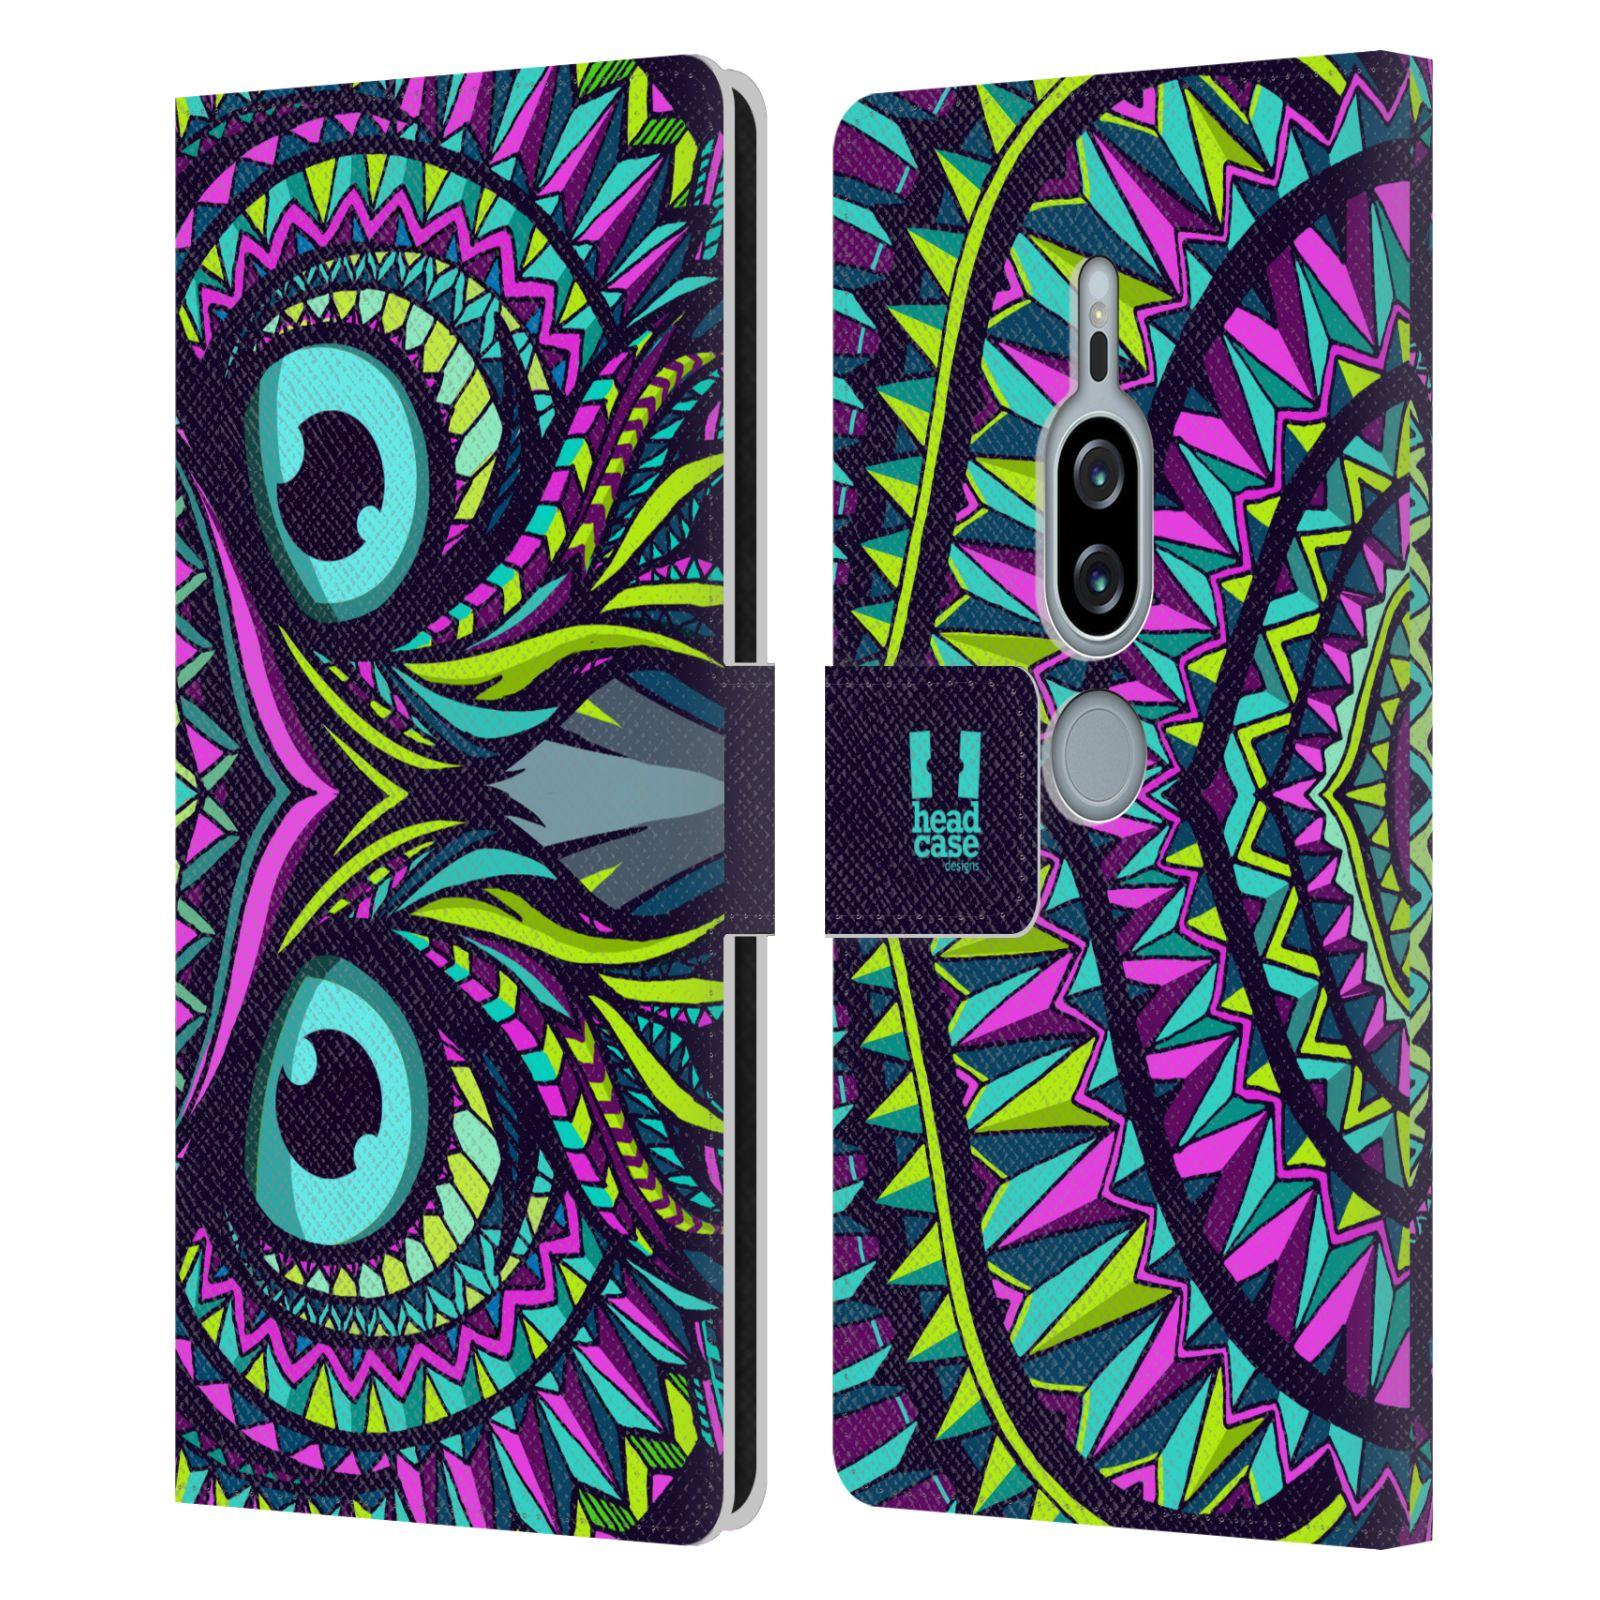 Pouzdro na mobil Sony Xperia XZ2 Premium - Head Case - Aztécký vzor sova